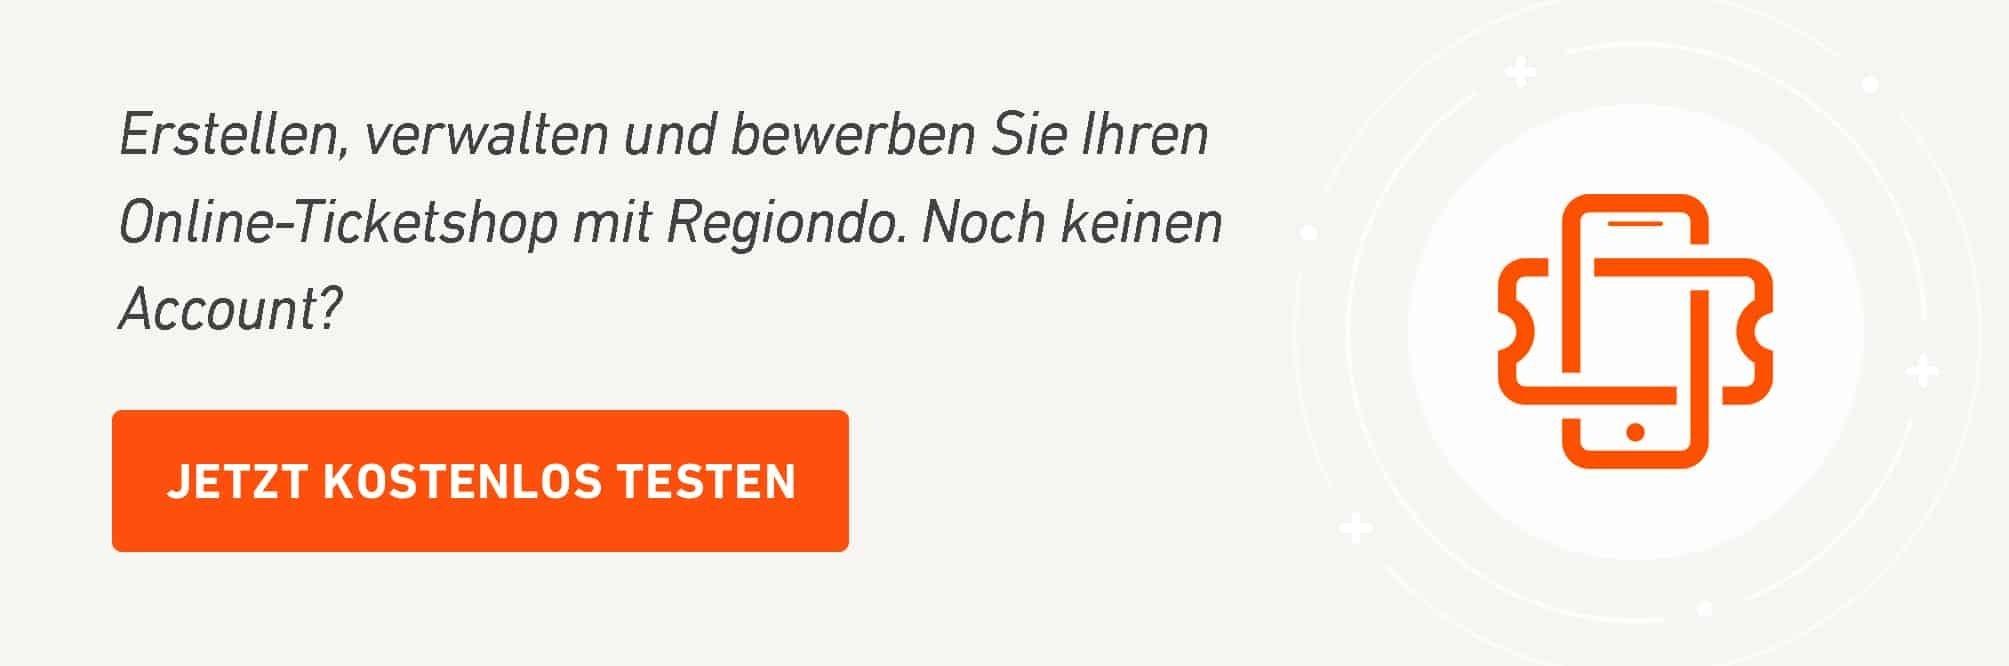 Win_Win_Wertgutscheine_online_verkaufen_Free_Trial_Banner